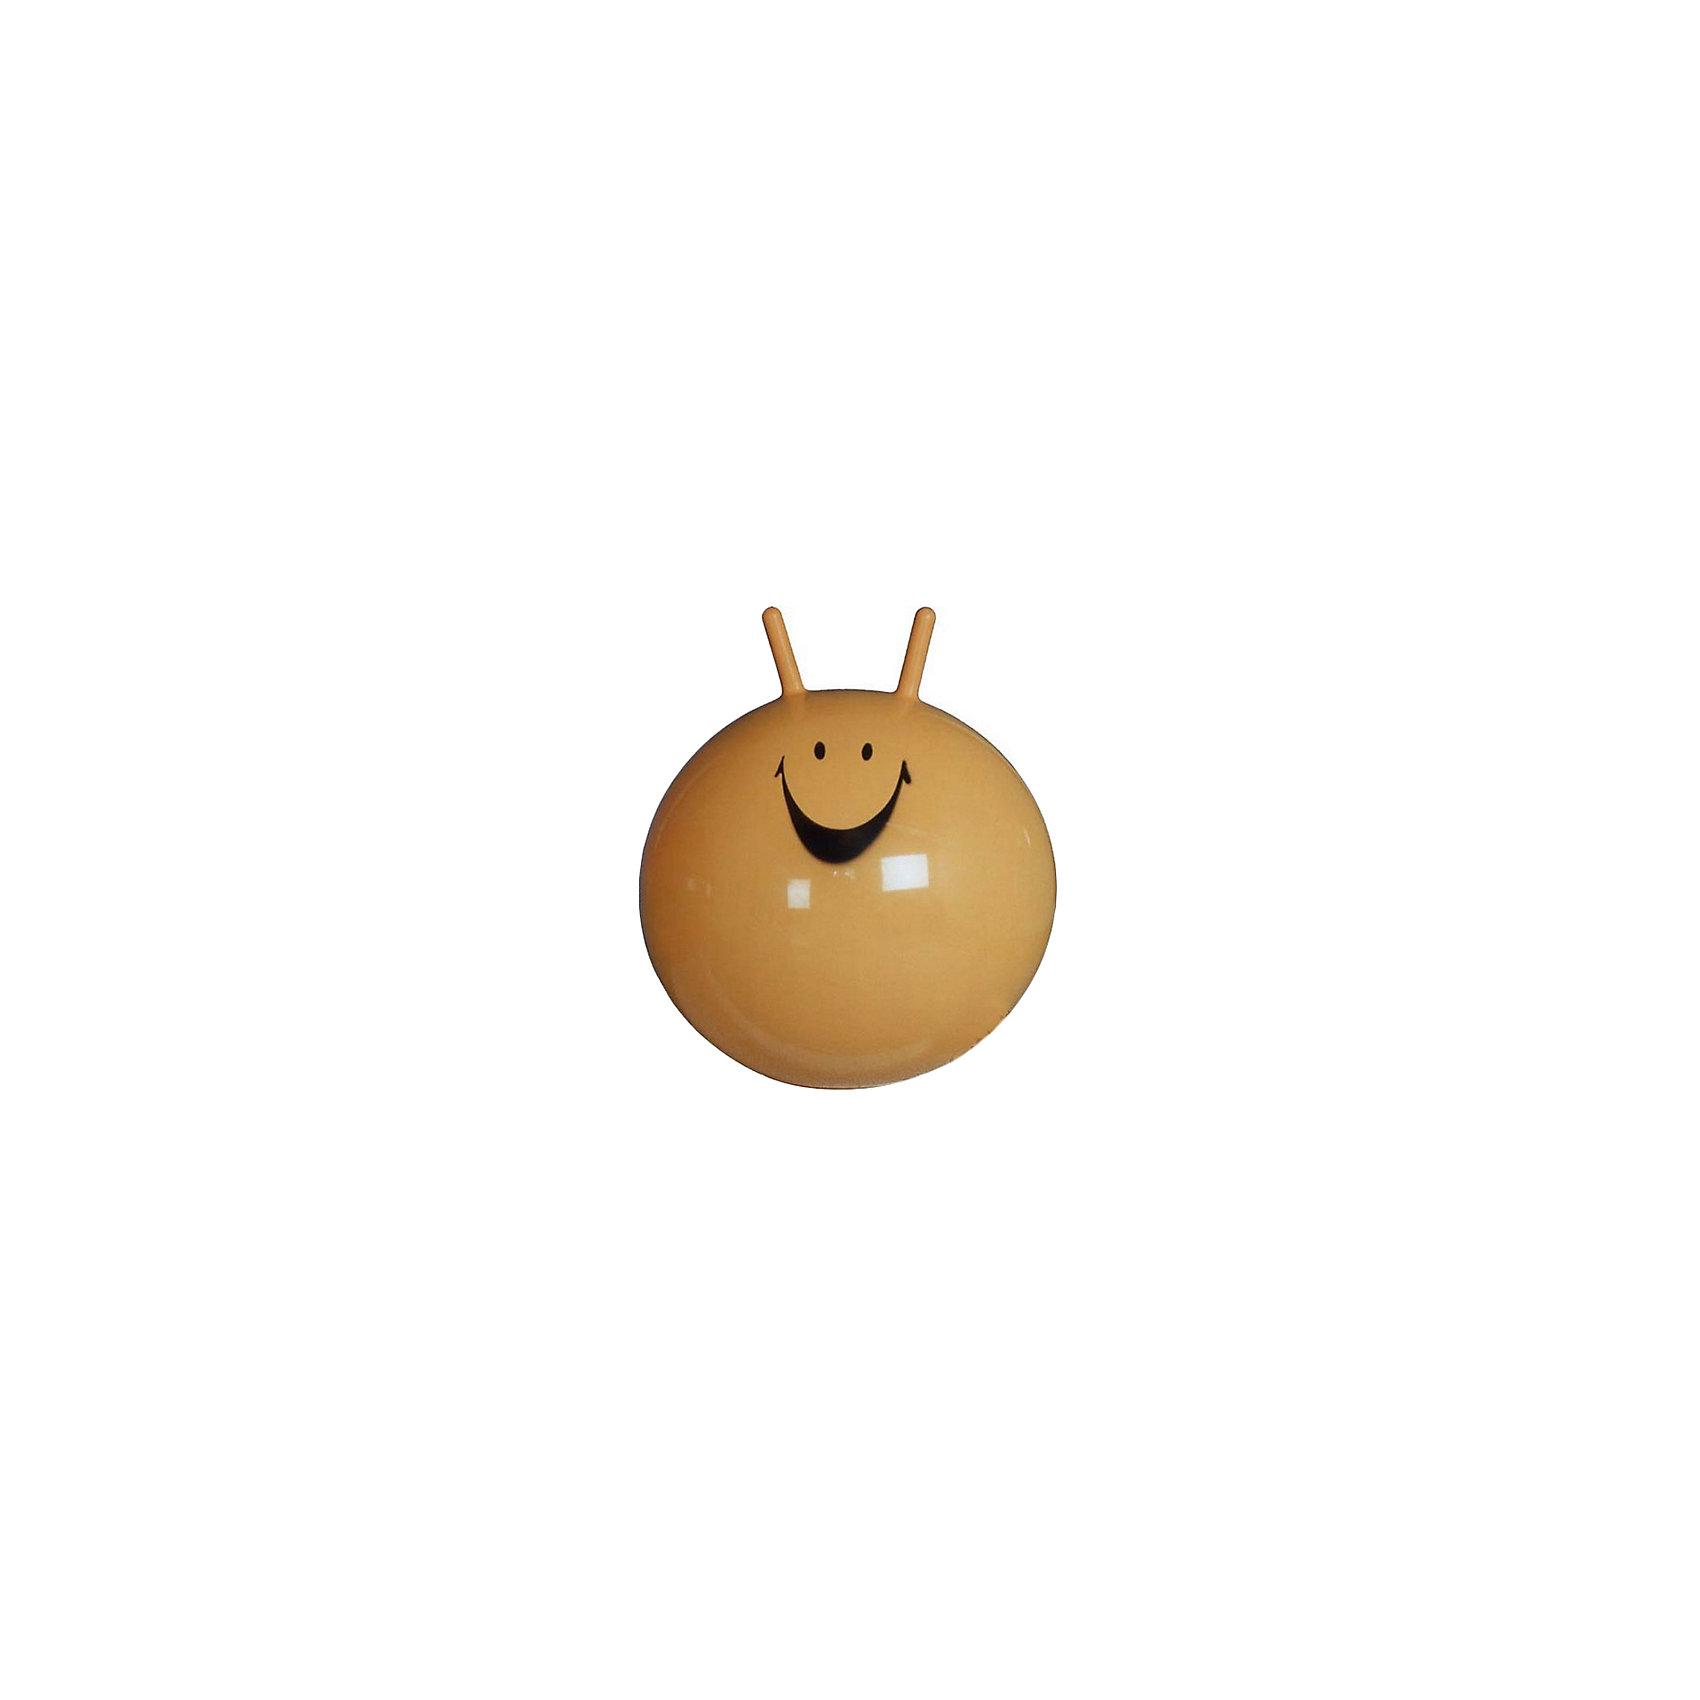 Мяч-прыгун, 45 см, желтыйЛюбой активный ребенок нуждается предметах для физической активности. Такой мяч-попрыгун - это огромные возможности для самых разных игр одному или с друзьями! С помощью этого мяча ребенок сможет выплескивать свою энергию в безопасном виде физической активности.<br>Мяч выполнен из высококачественных материалов, которые безопасны для ребенка. На нем можно прыгать, держась за ручки - антенны. Мяч-попрыгун способствует развитию координации пространственного мышления ребенка, тренирует правильную осанку, улучшает работу вестибулярного аппарата.<br><br>Дополнительная информация:<br><br>цвет: желтый;<br>диаметр: 45 см;<br>высококачественные материалы.<br><br>Мяч-прыгун от марки ARPAX можно купить в нашем магазине.<br><br>Ширина мм: 450<br>Глубина мм: 100<br>Высота мм: 100<br>Вес г: 600<br>Возраст от месяцев: 36<br>Возраст до месяцев: 144<br>Пол: Унисекс<br>Возраст: Детский<br>SKU: 4715406